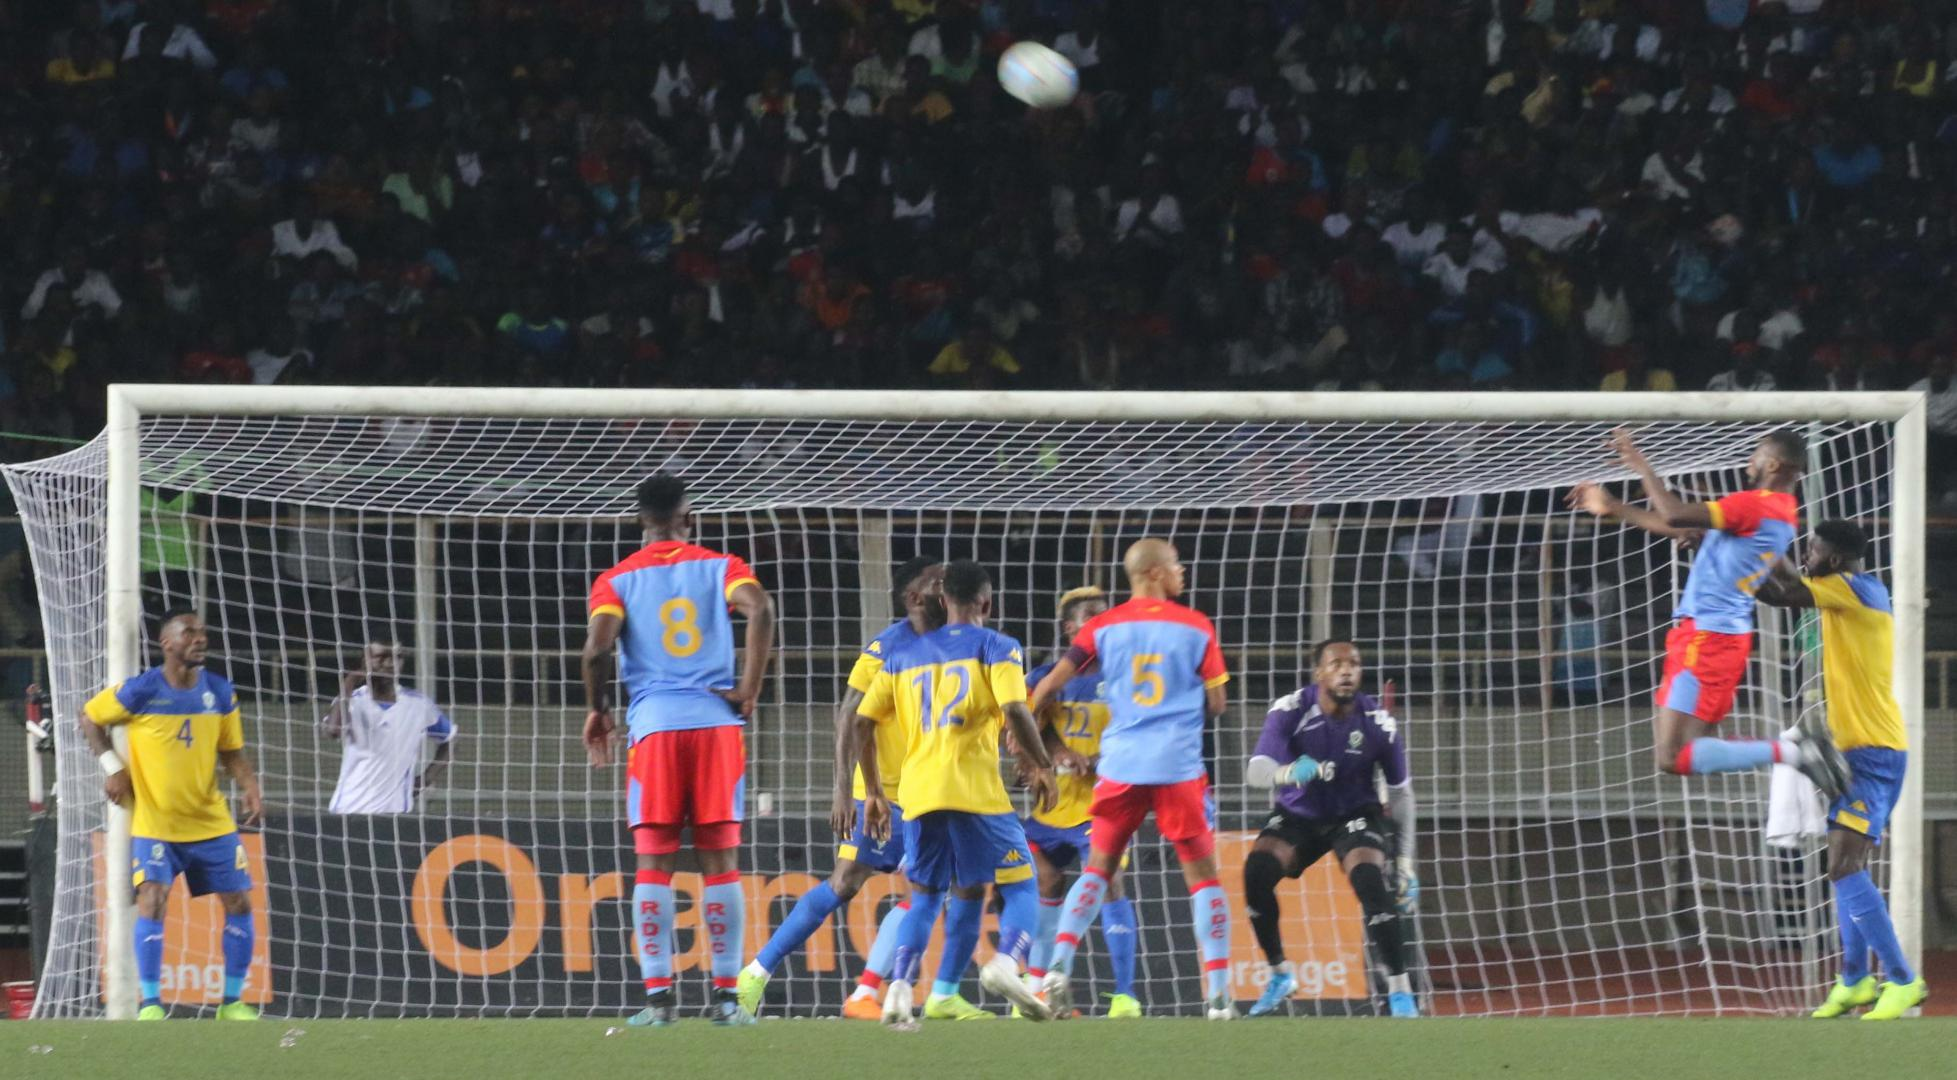 L'Union africaine de Radiodiffusion interdit à la télévision publique congolaise de diffuser le match RDC-Gambie